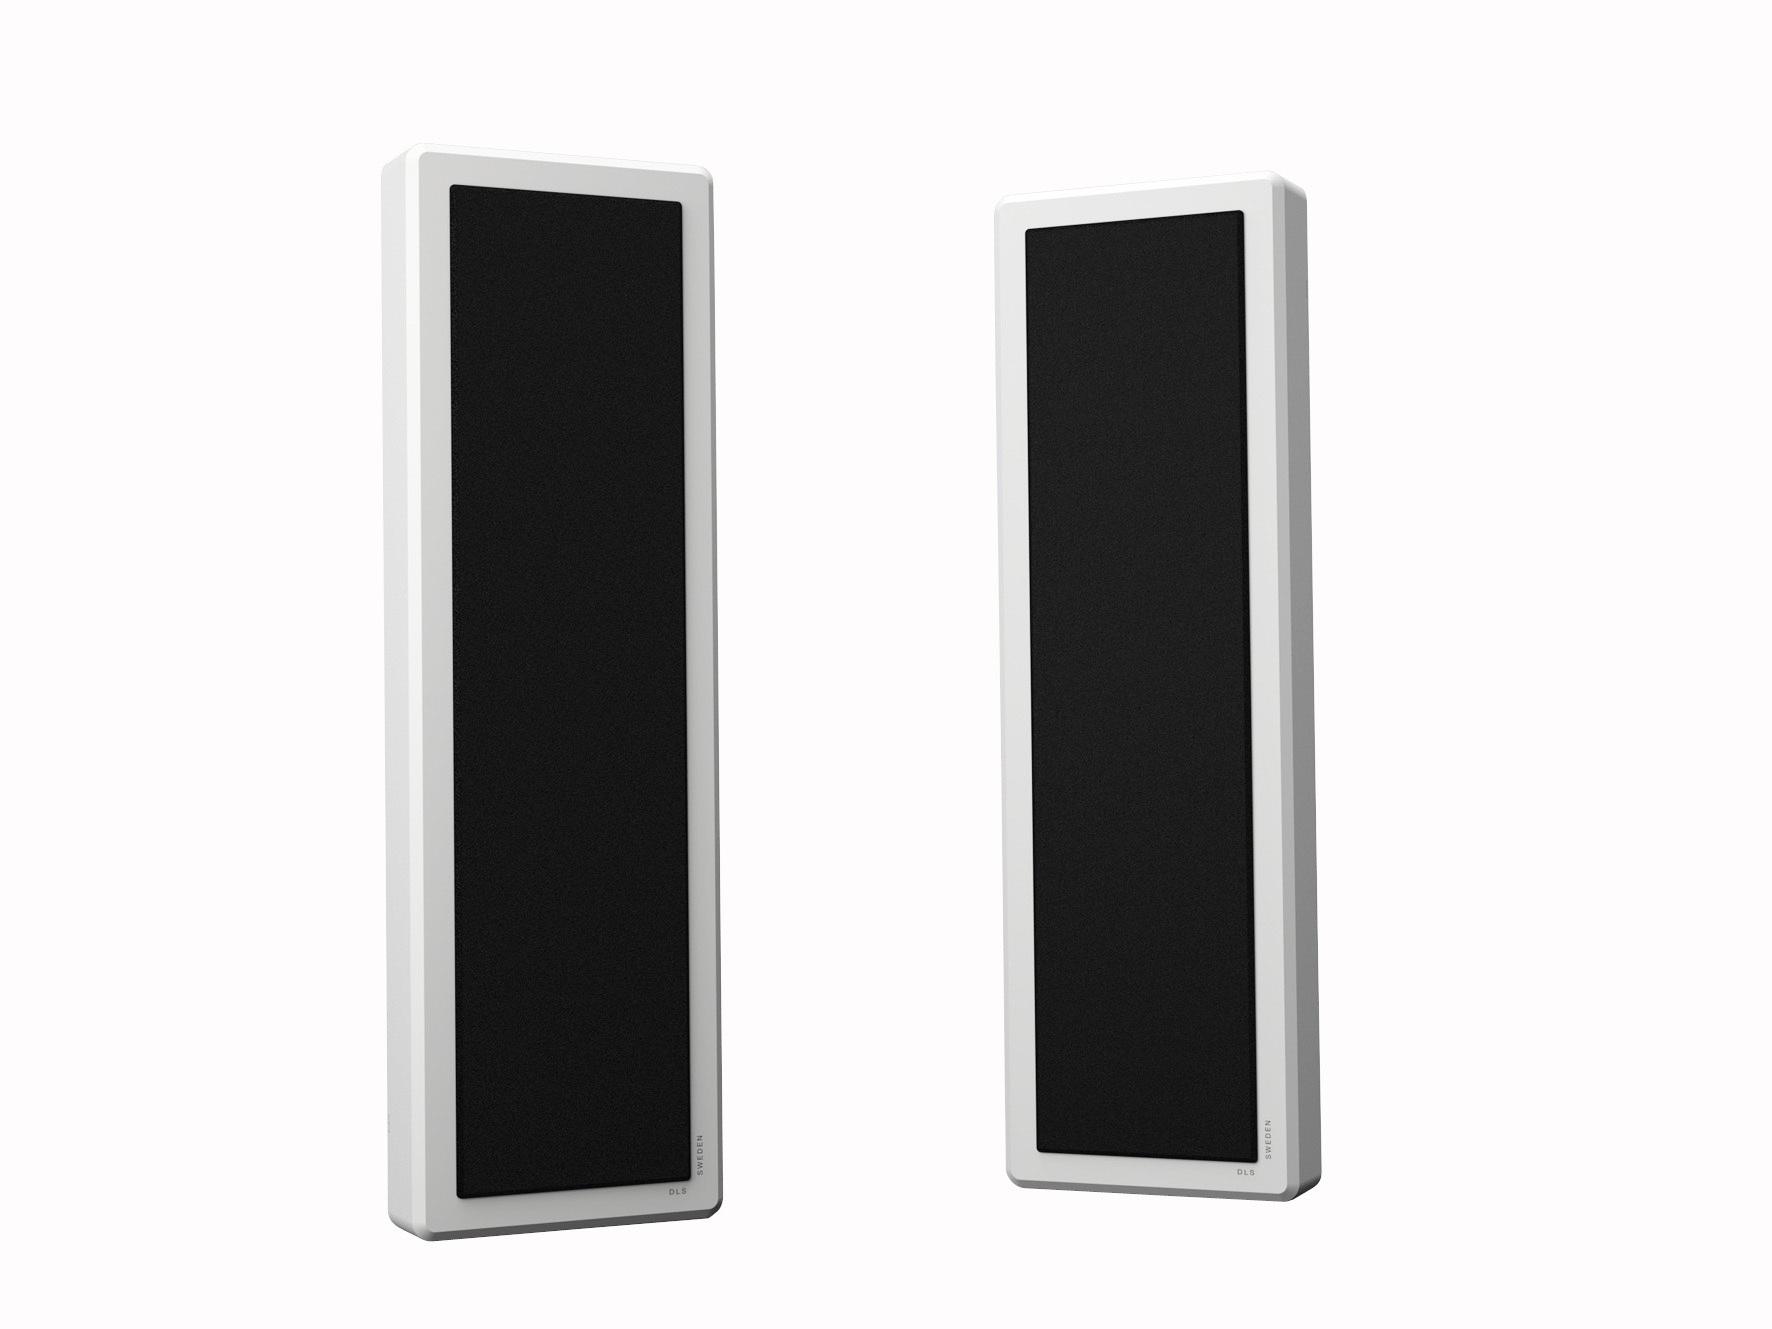 DLS Flatbox M-Two Vit